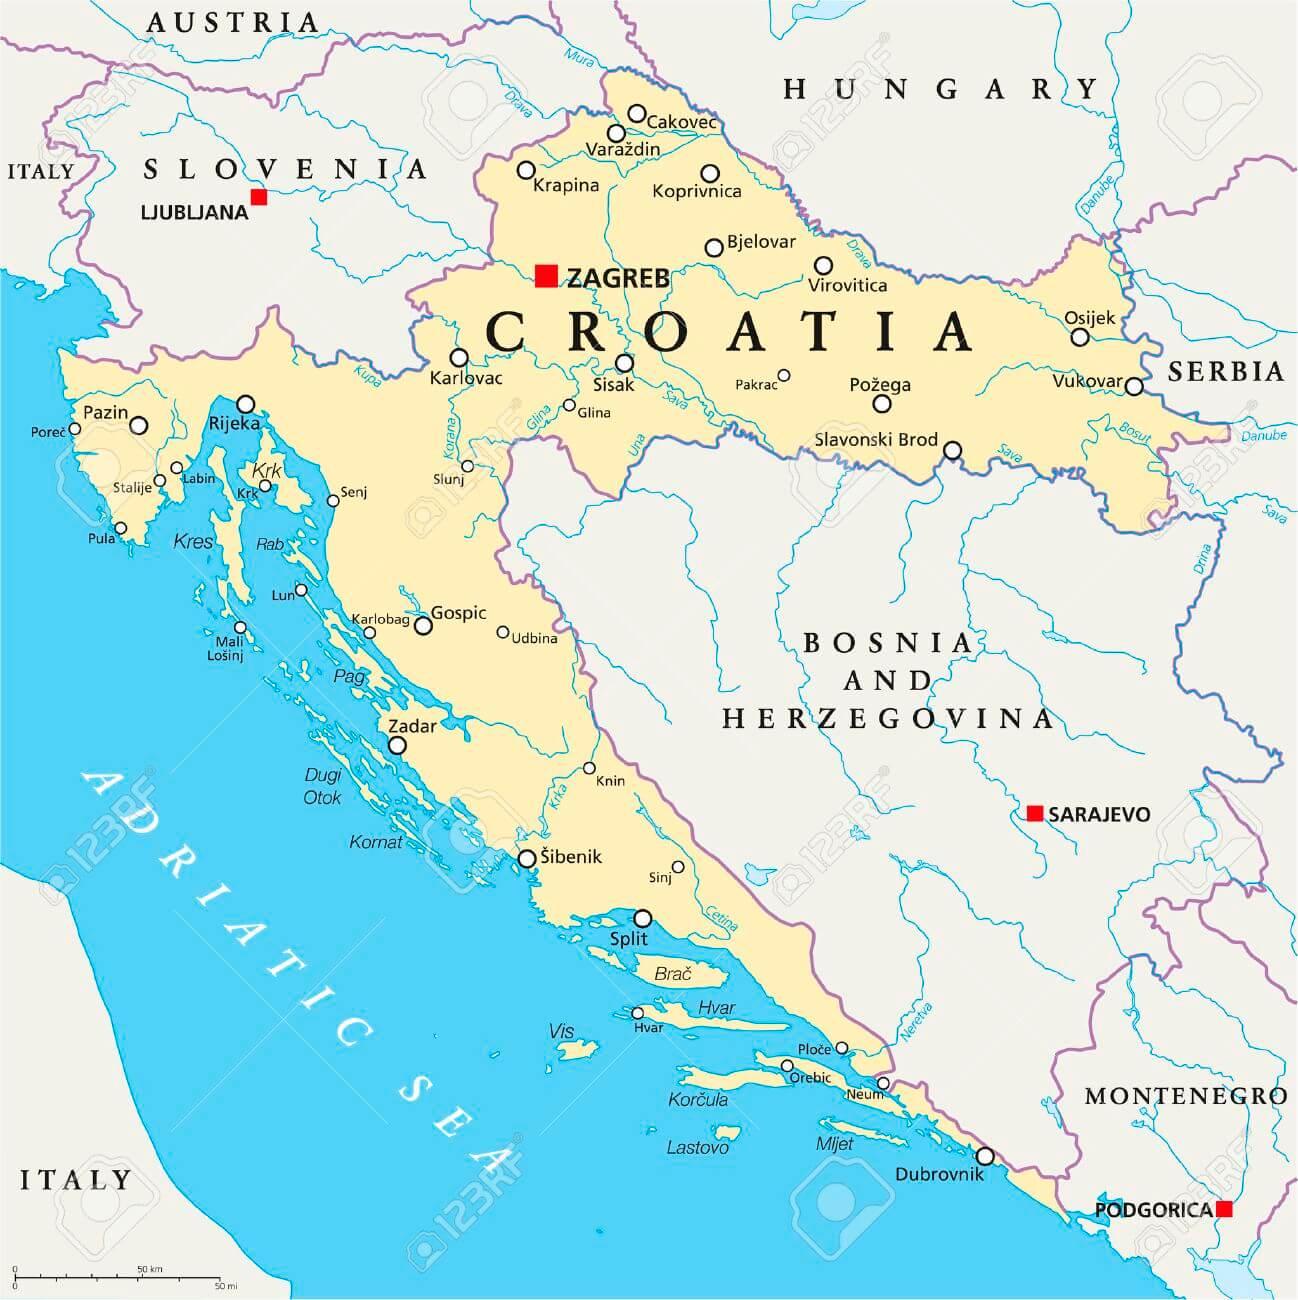 CROAZIA – EMERGENZA COVID-19 : Nuove misure adottate dalle Autorità croate